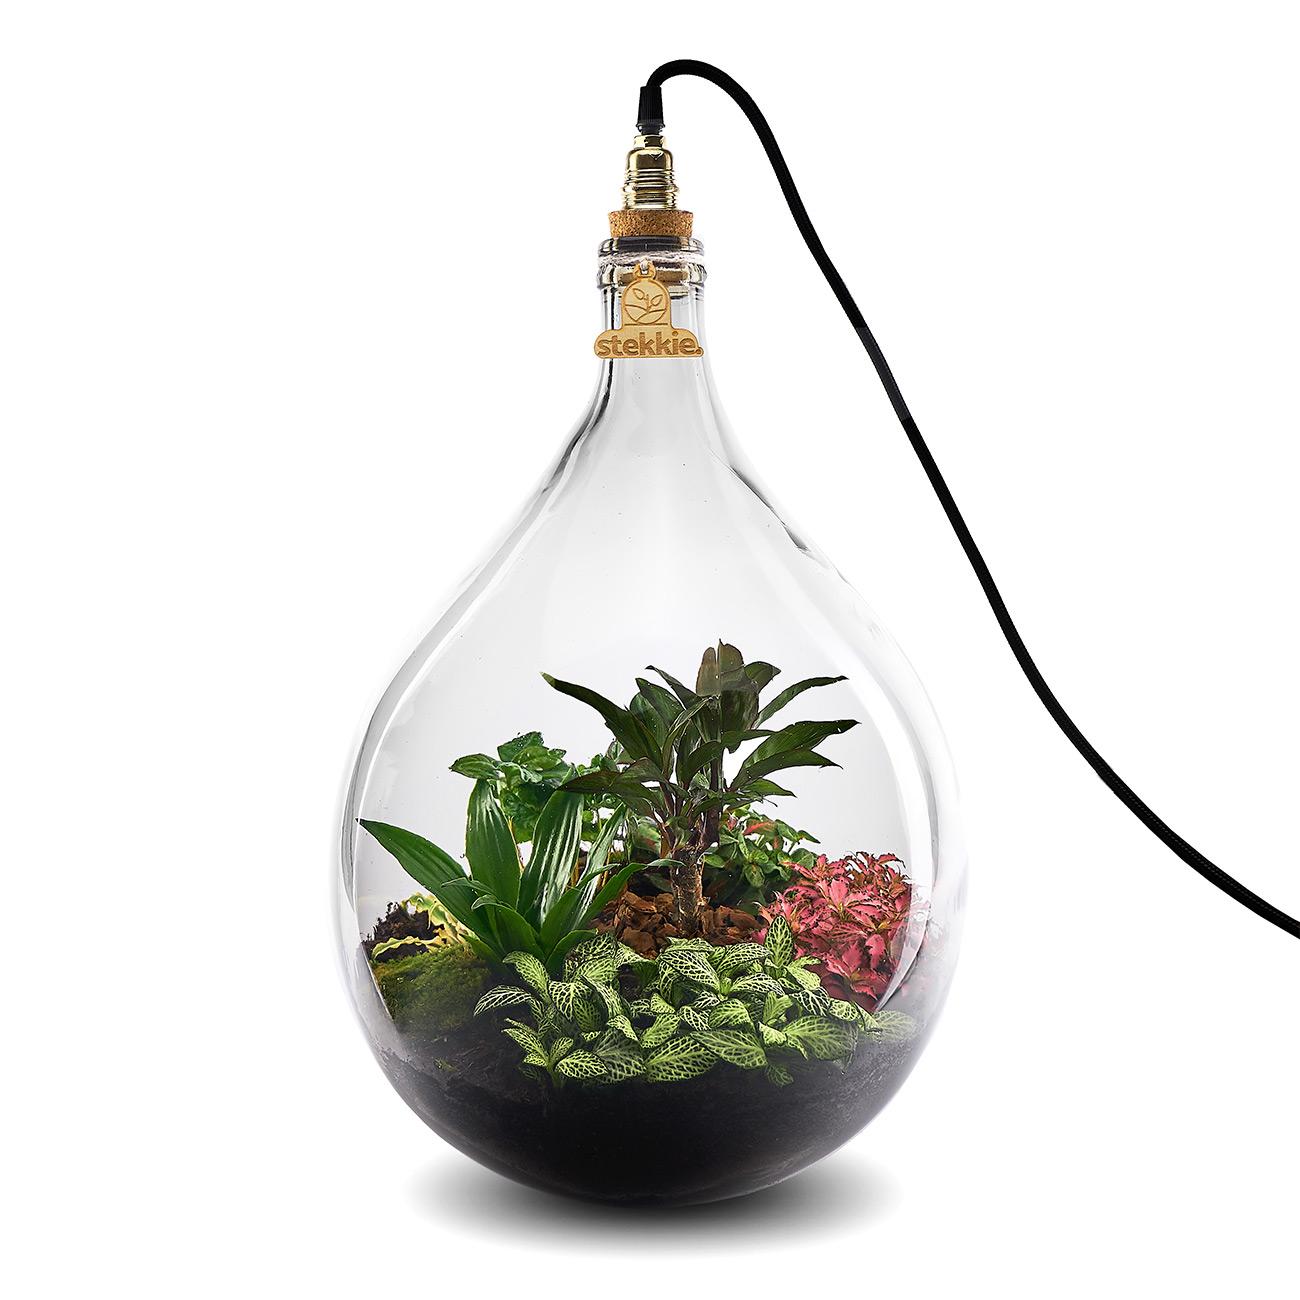 Stekkie Large (roze accentkleur) mini-ecosysteem/planten terrarium met lamp